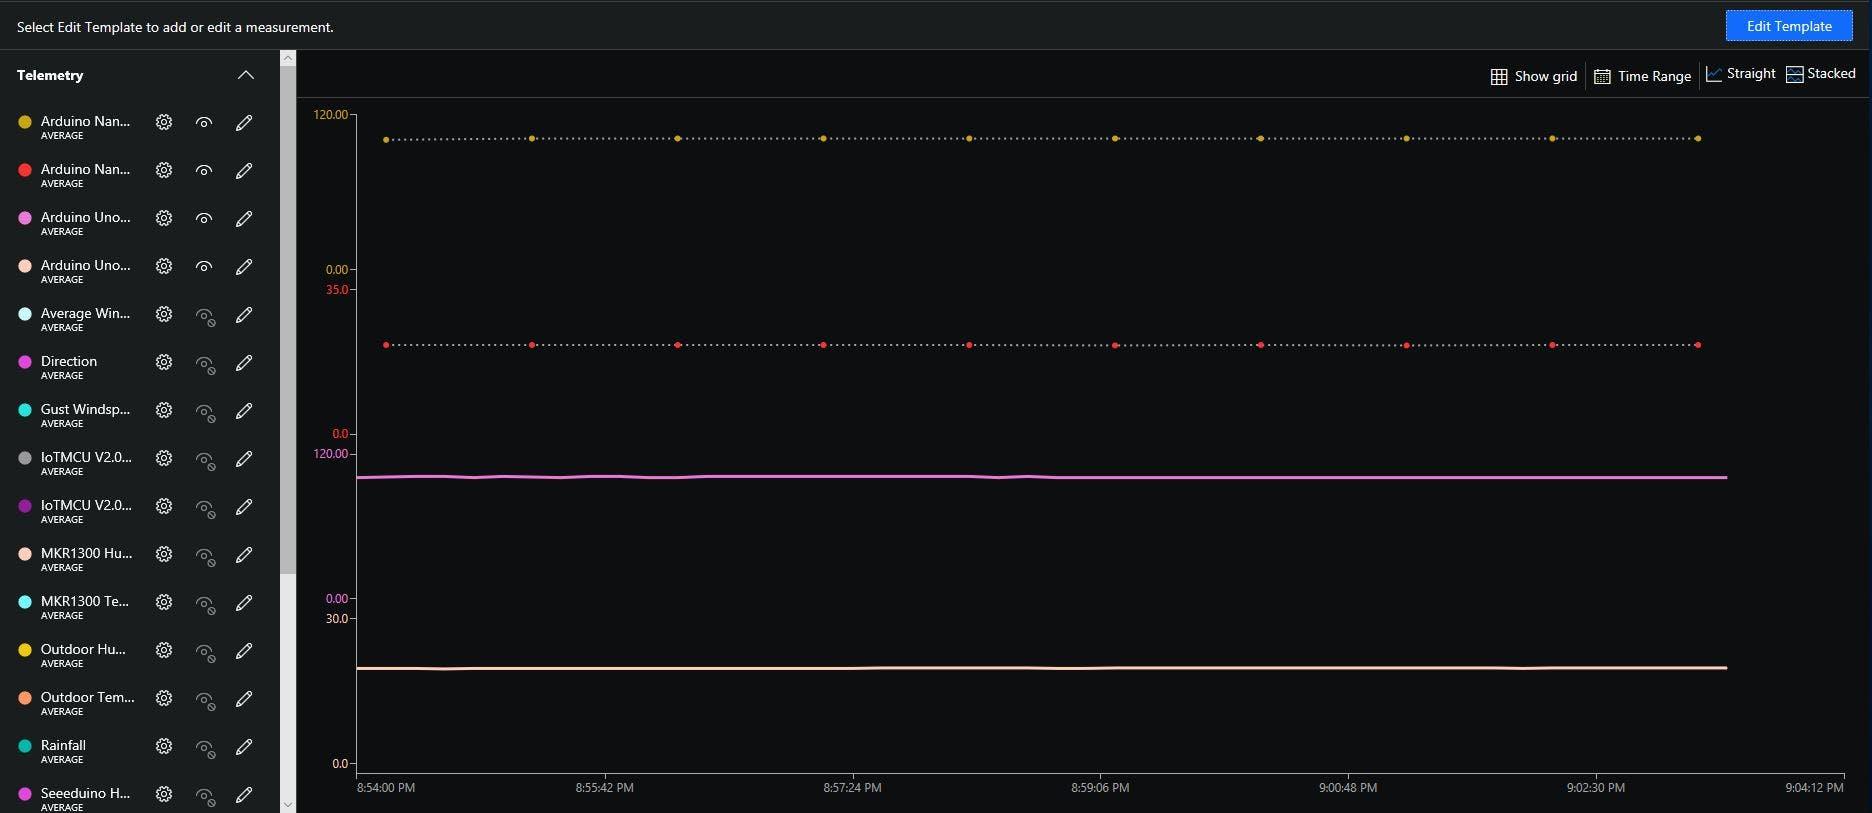 Arduino Uno R3 & Seeeduino V4.2 telemetry in Azure IoT Central